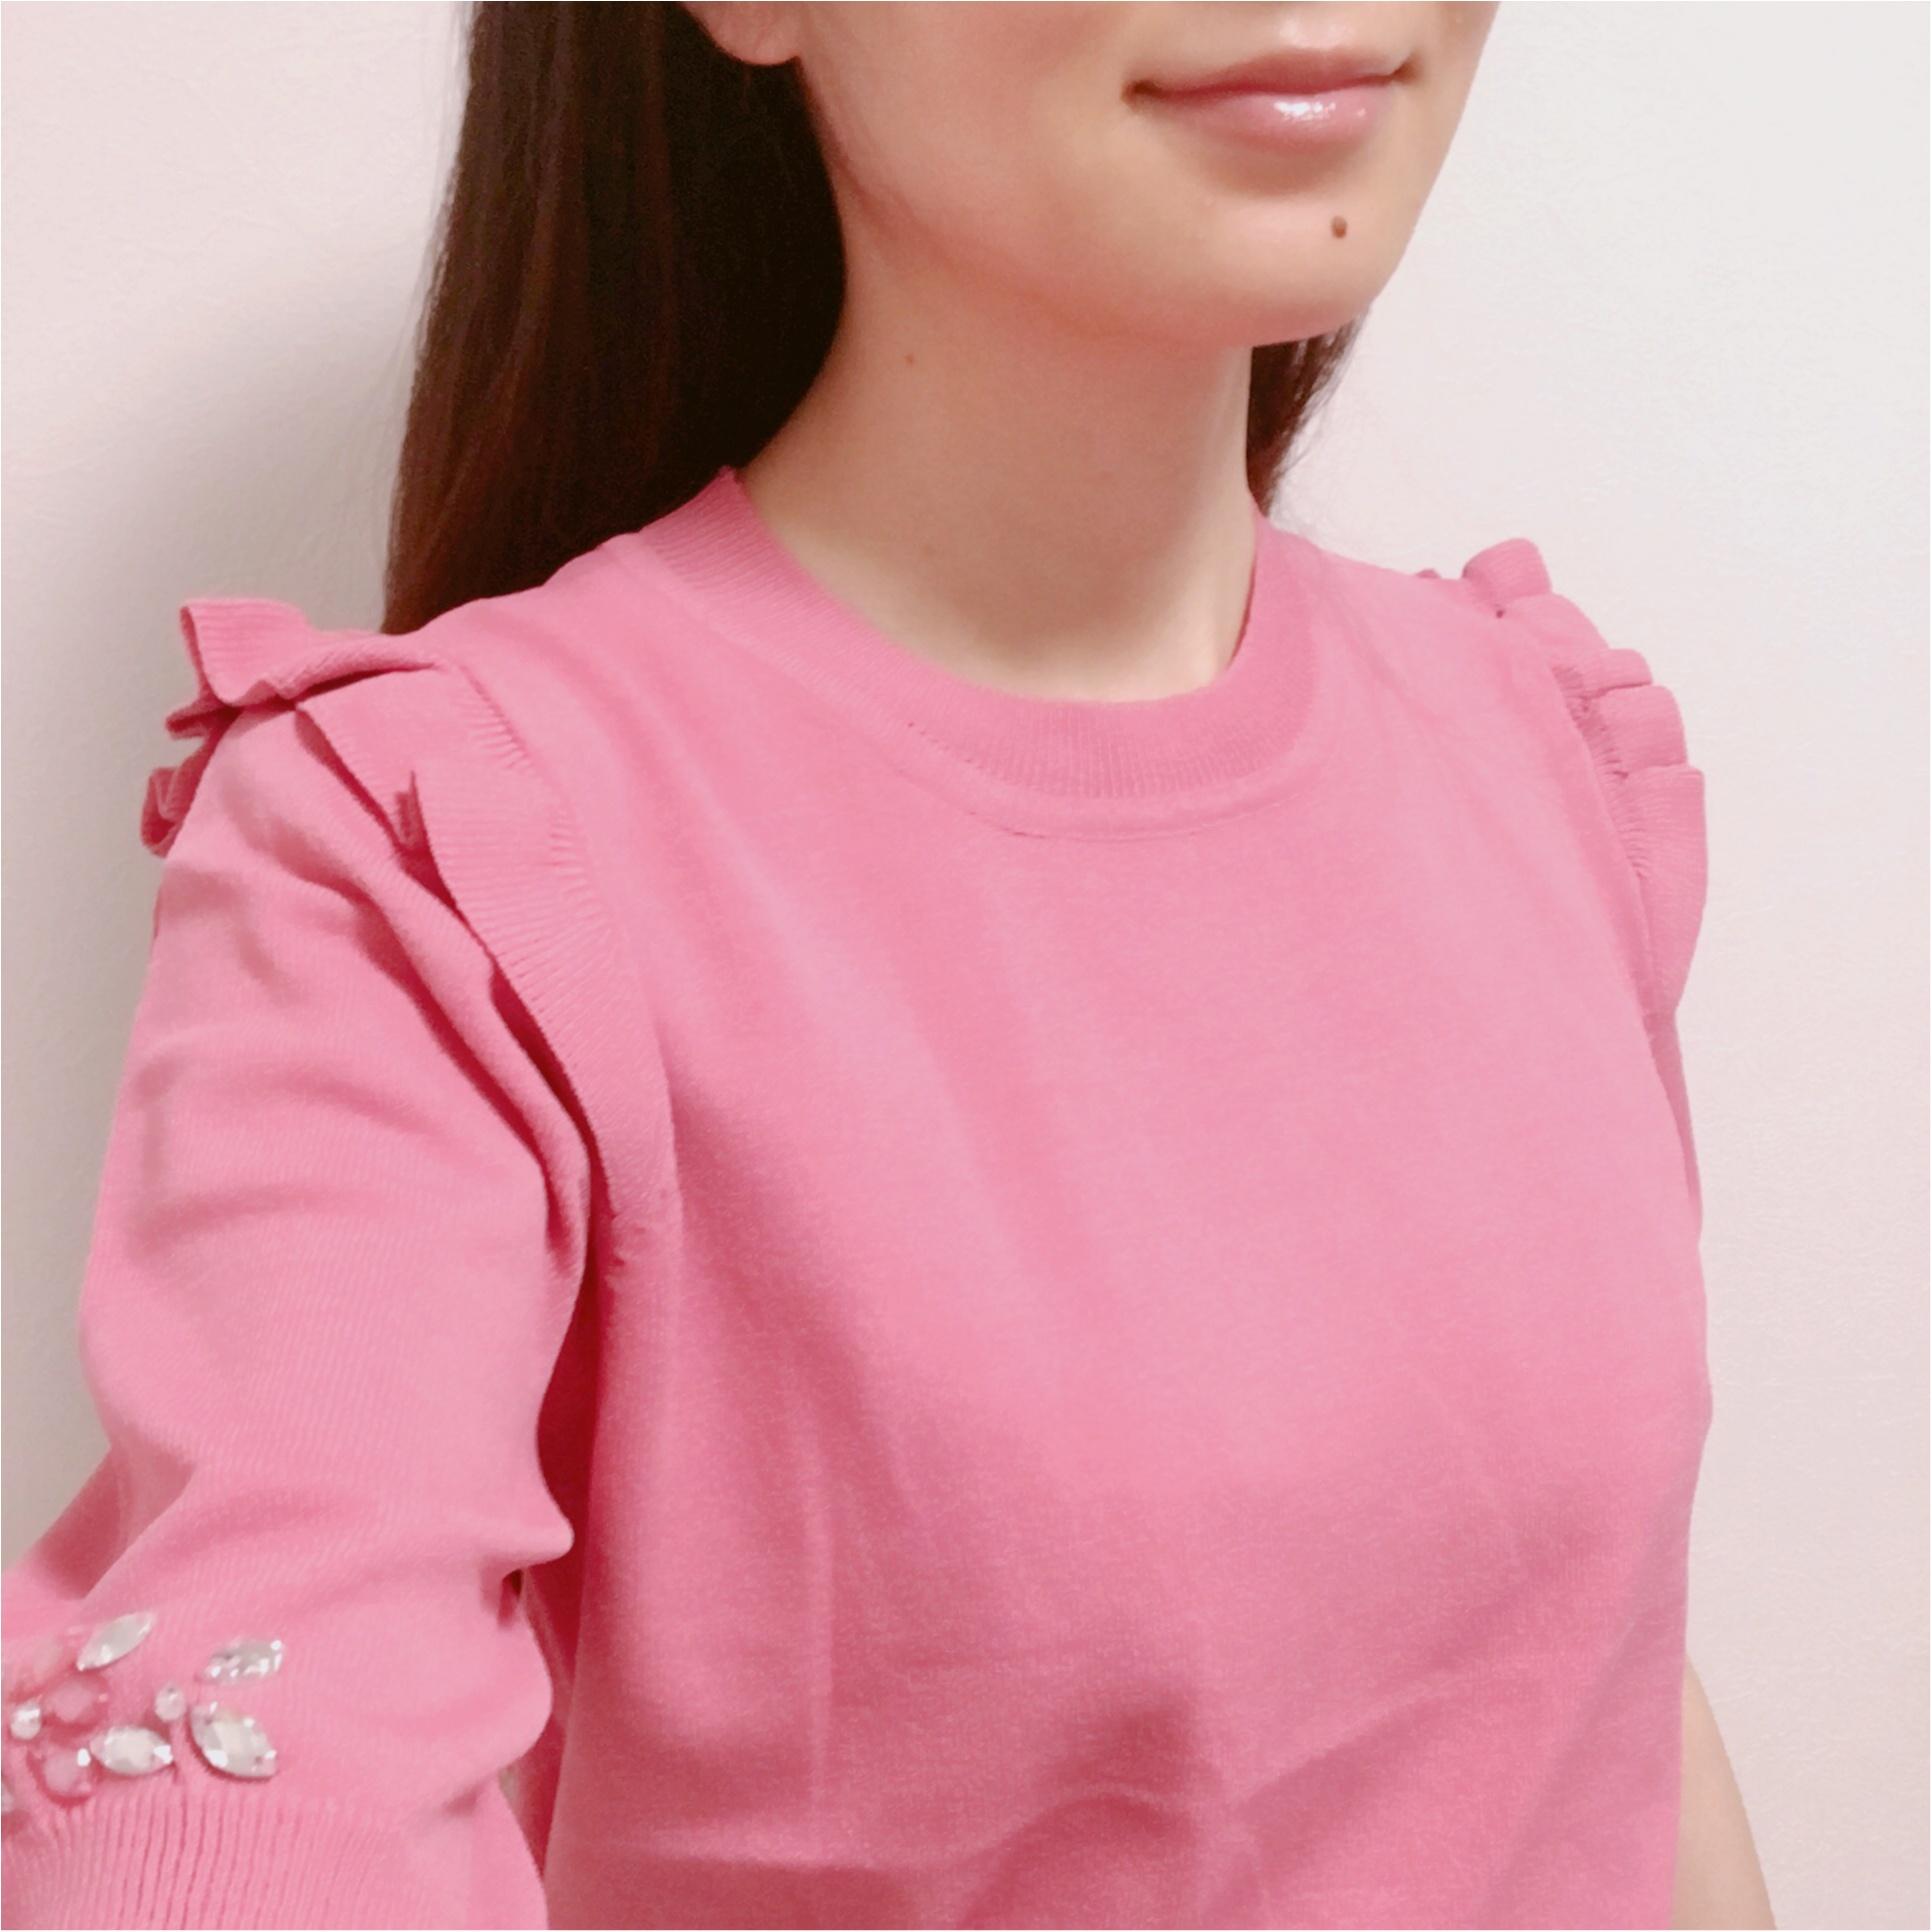 《 やっぱりピンクが好きっ♪》 toccoで叶える大人かわいいピンクコーデ♡_1